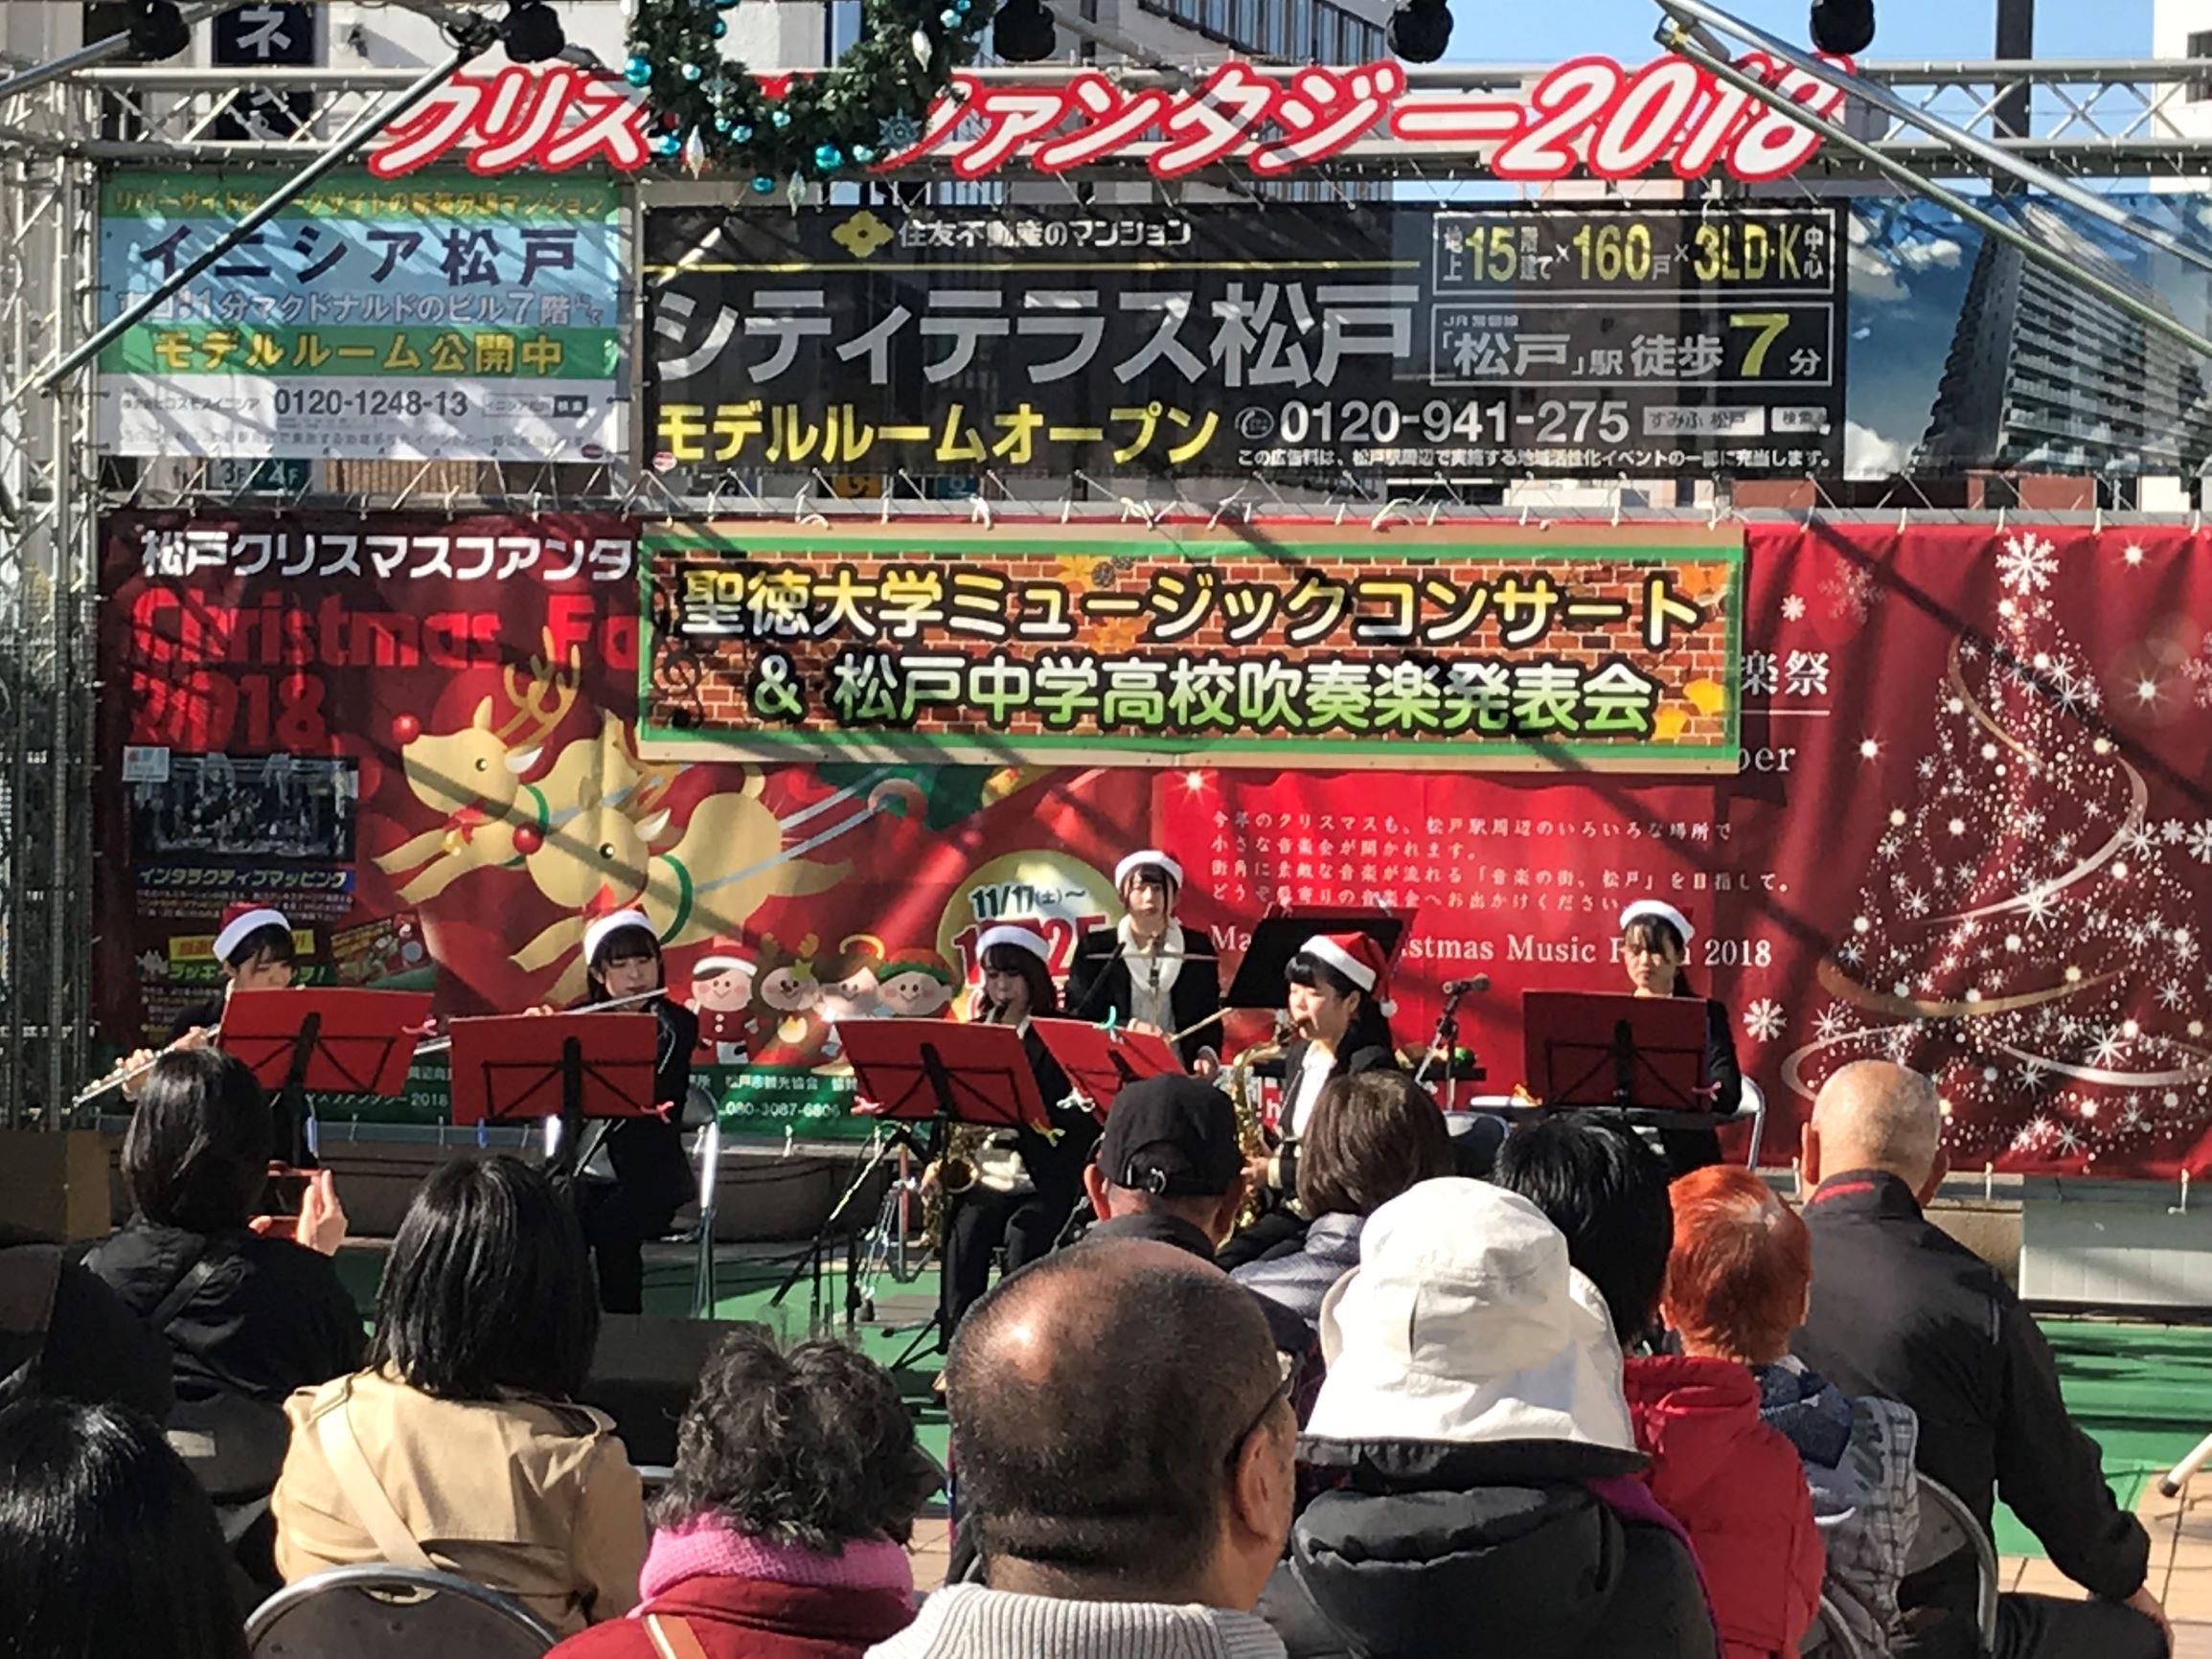 「第7回松戸クリスマス音楽祭」に学生たちが参加